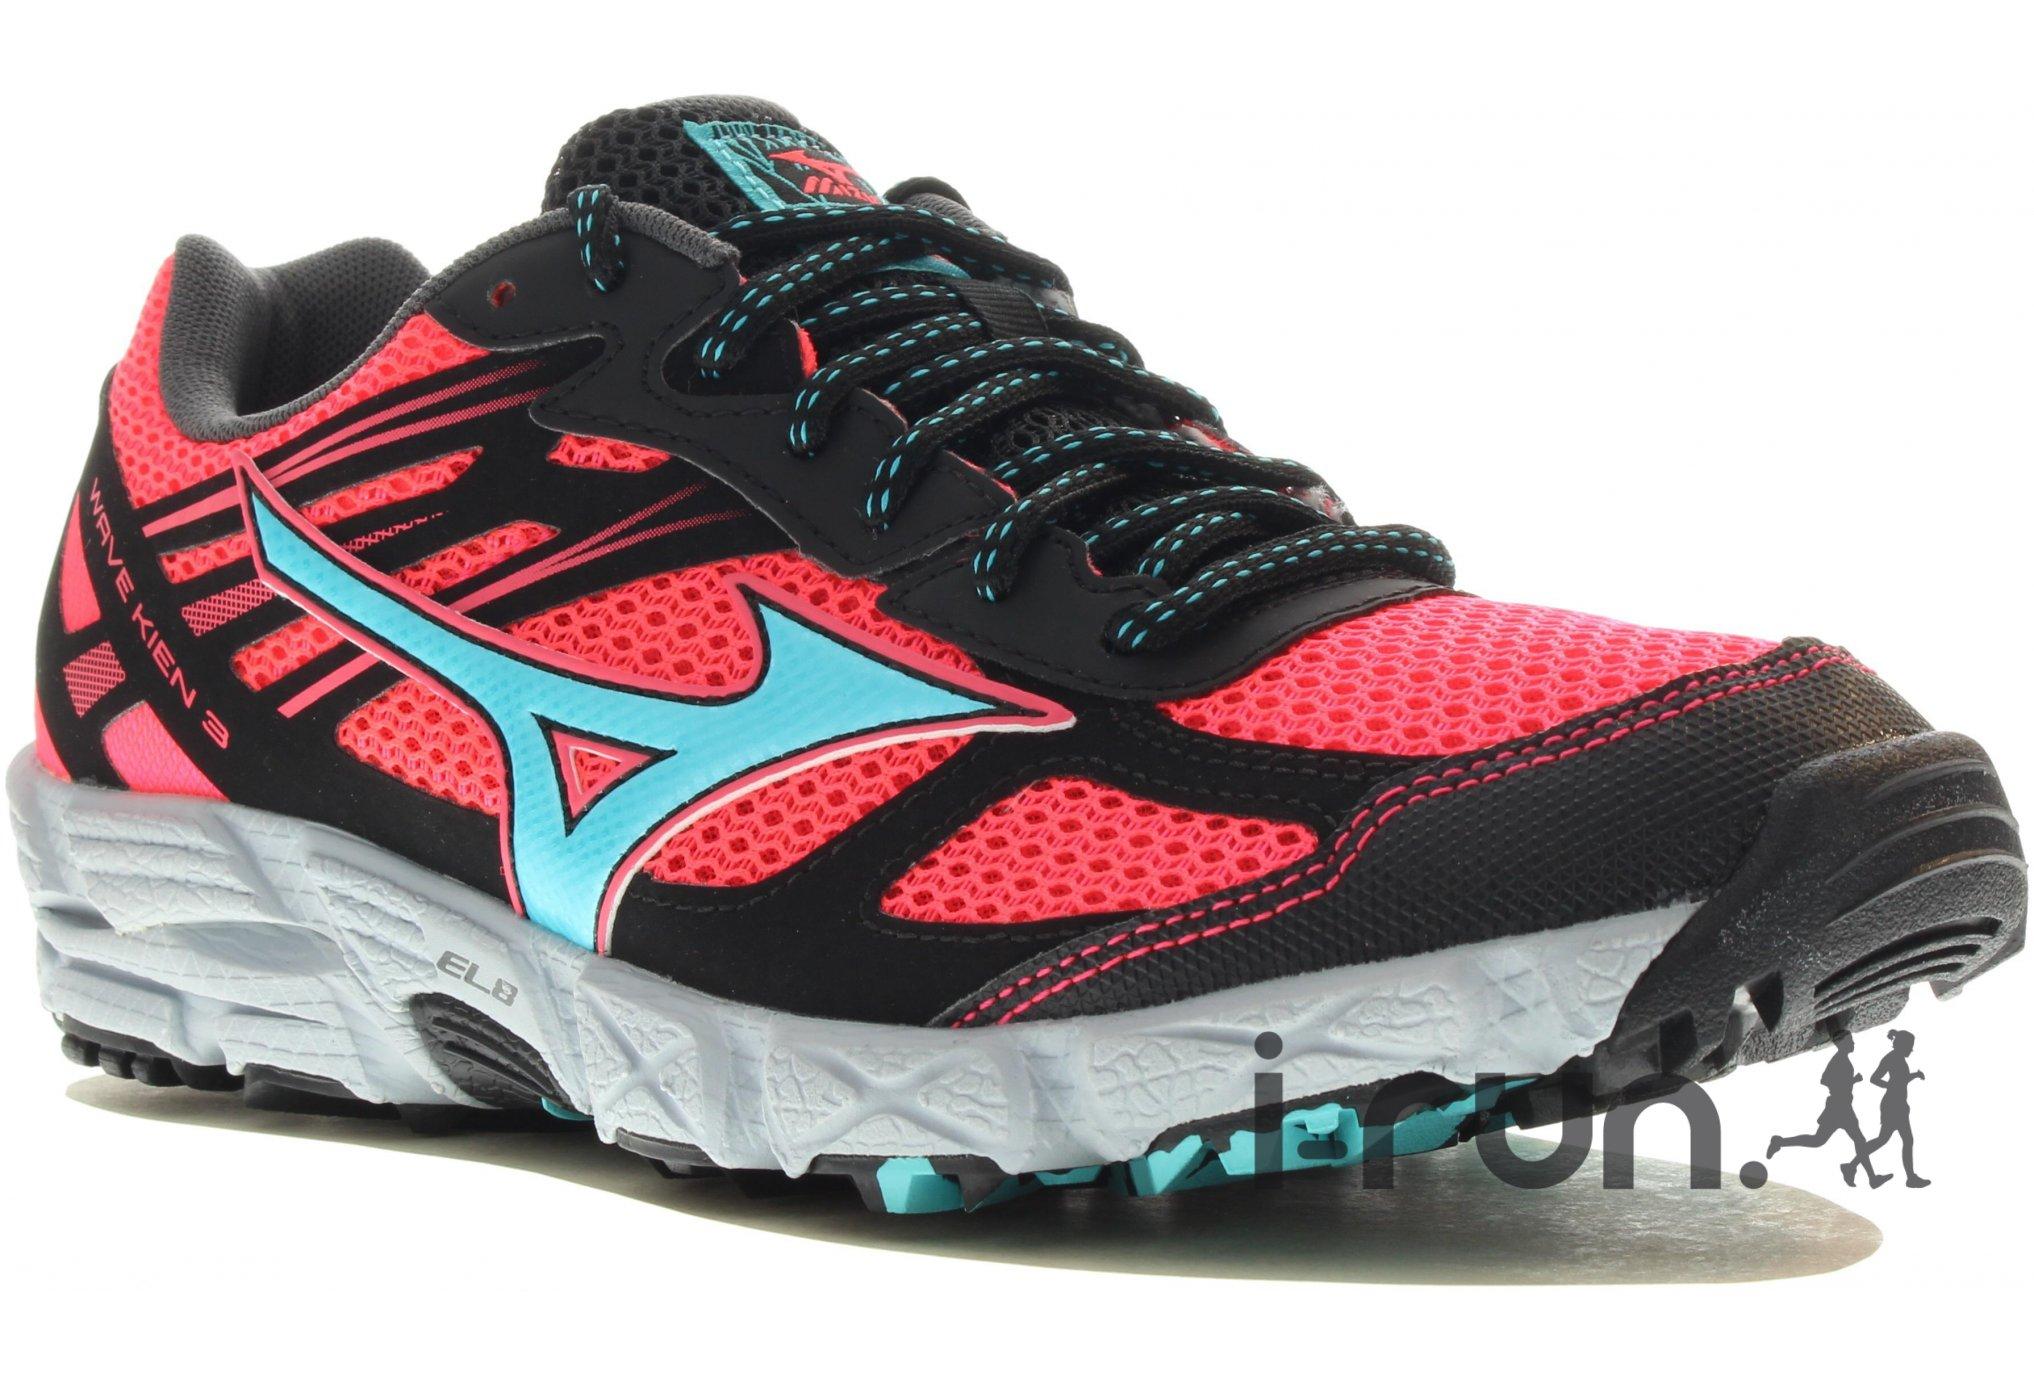 Mizuno wave kien 3 w chaussures running femme